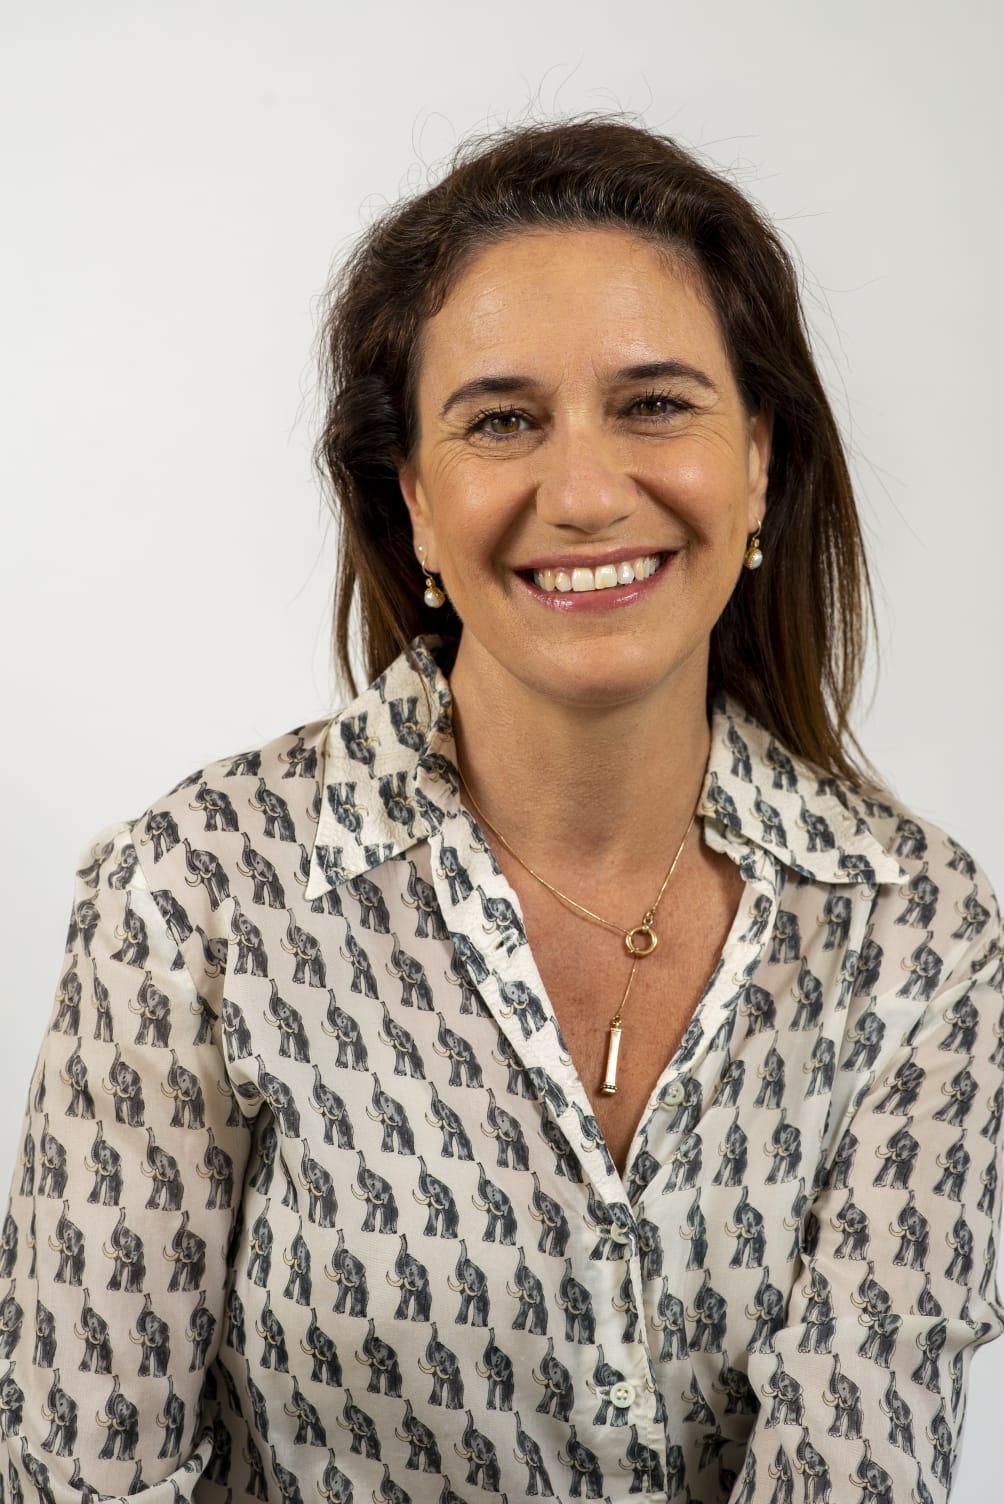 טלי פולג, מנהלת השיווק של האקדמית עמק יזרעאל. תמונה: ניר גתמון